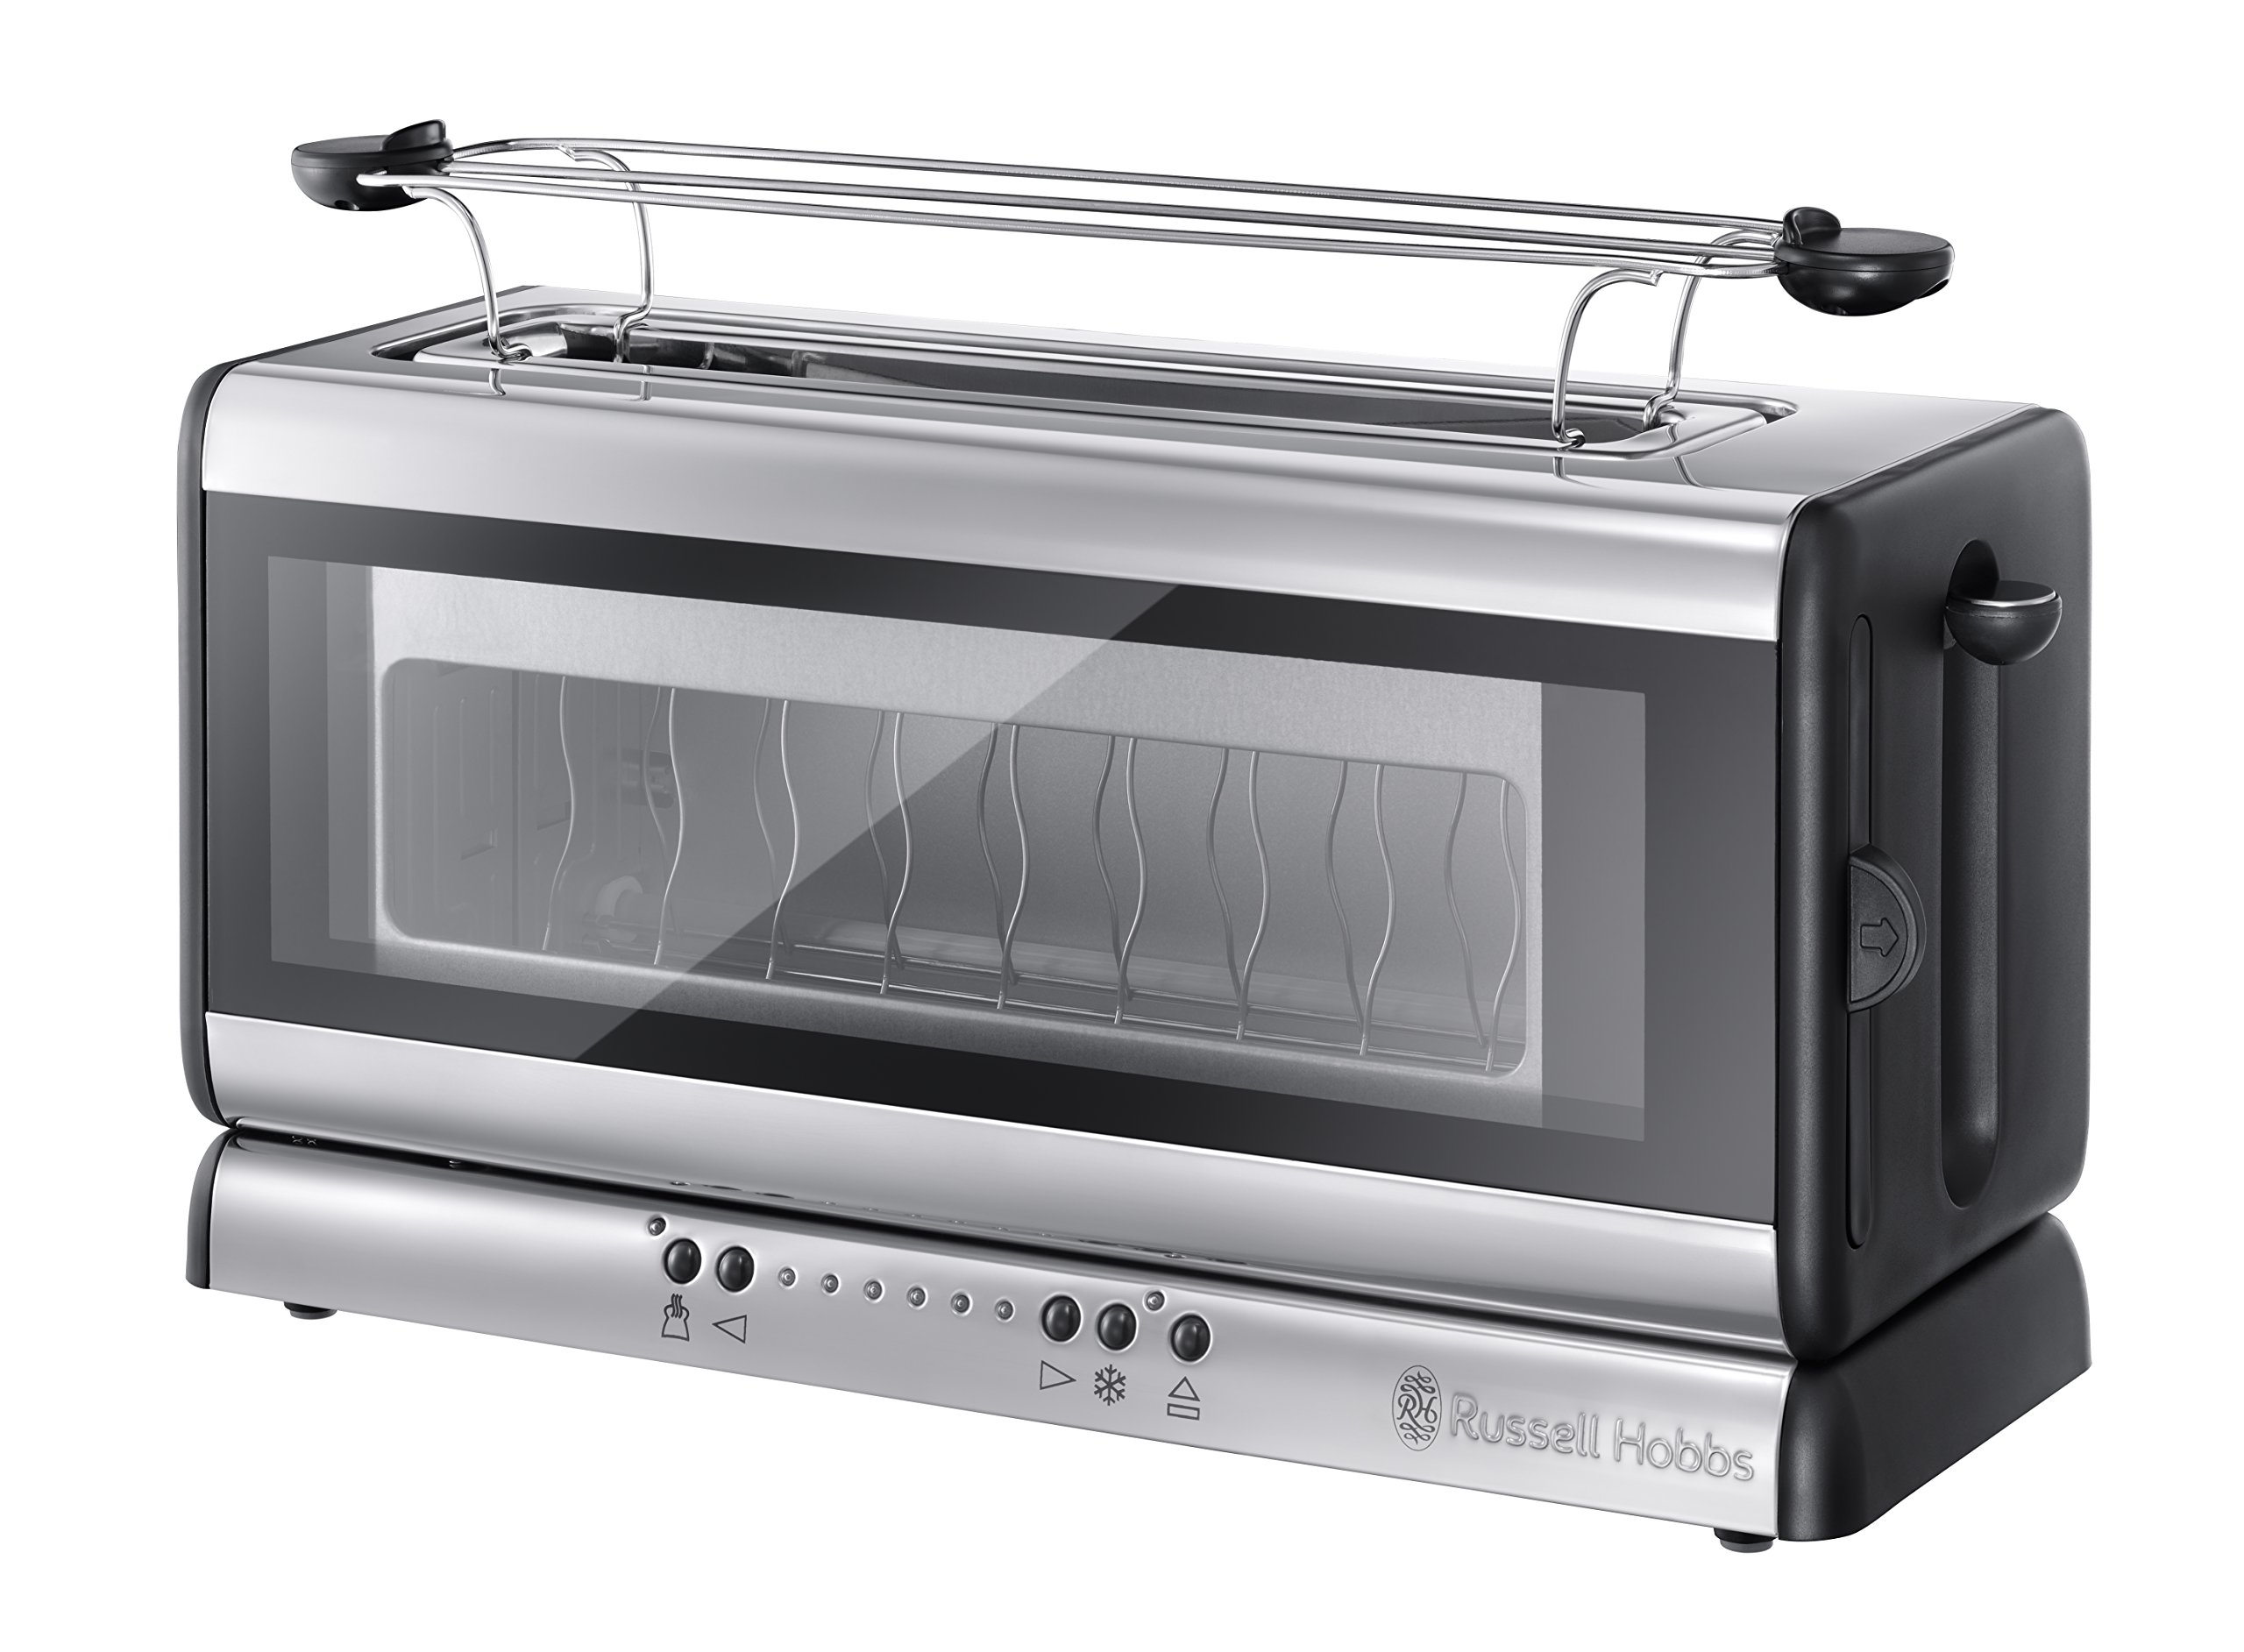 Russell-Hobbs-21310-56-Toaster-Clarity-Even-Toast-System-herausnehmbare-Glasscheibe-1200-Watt-Edelstahlschwarz